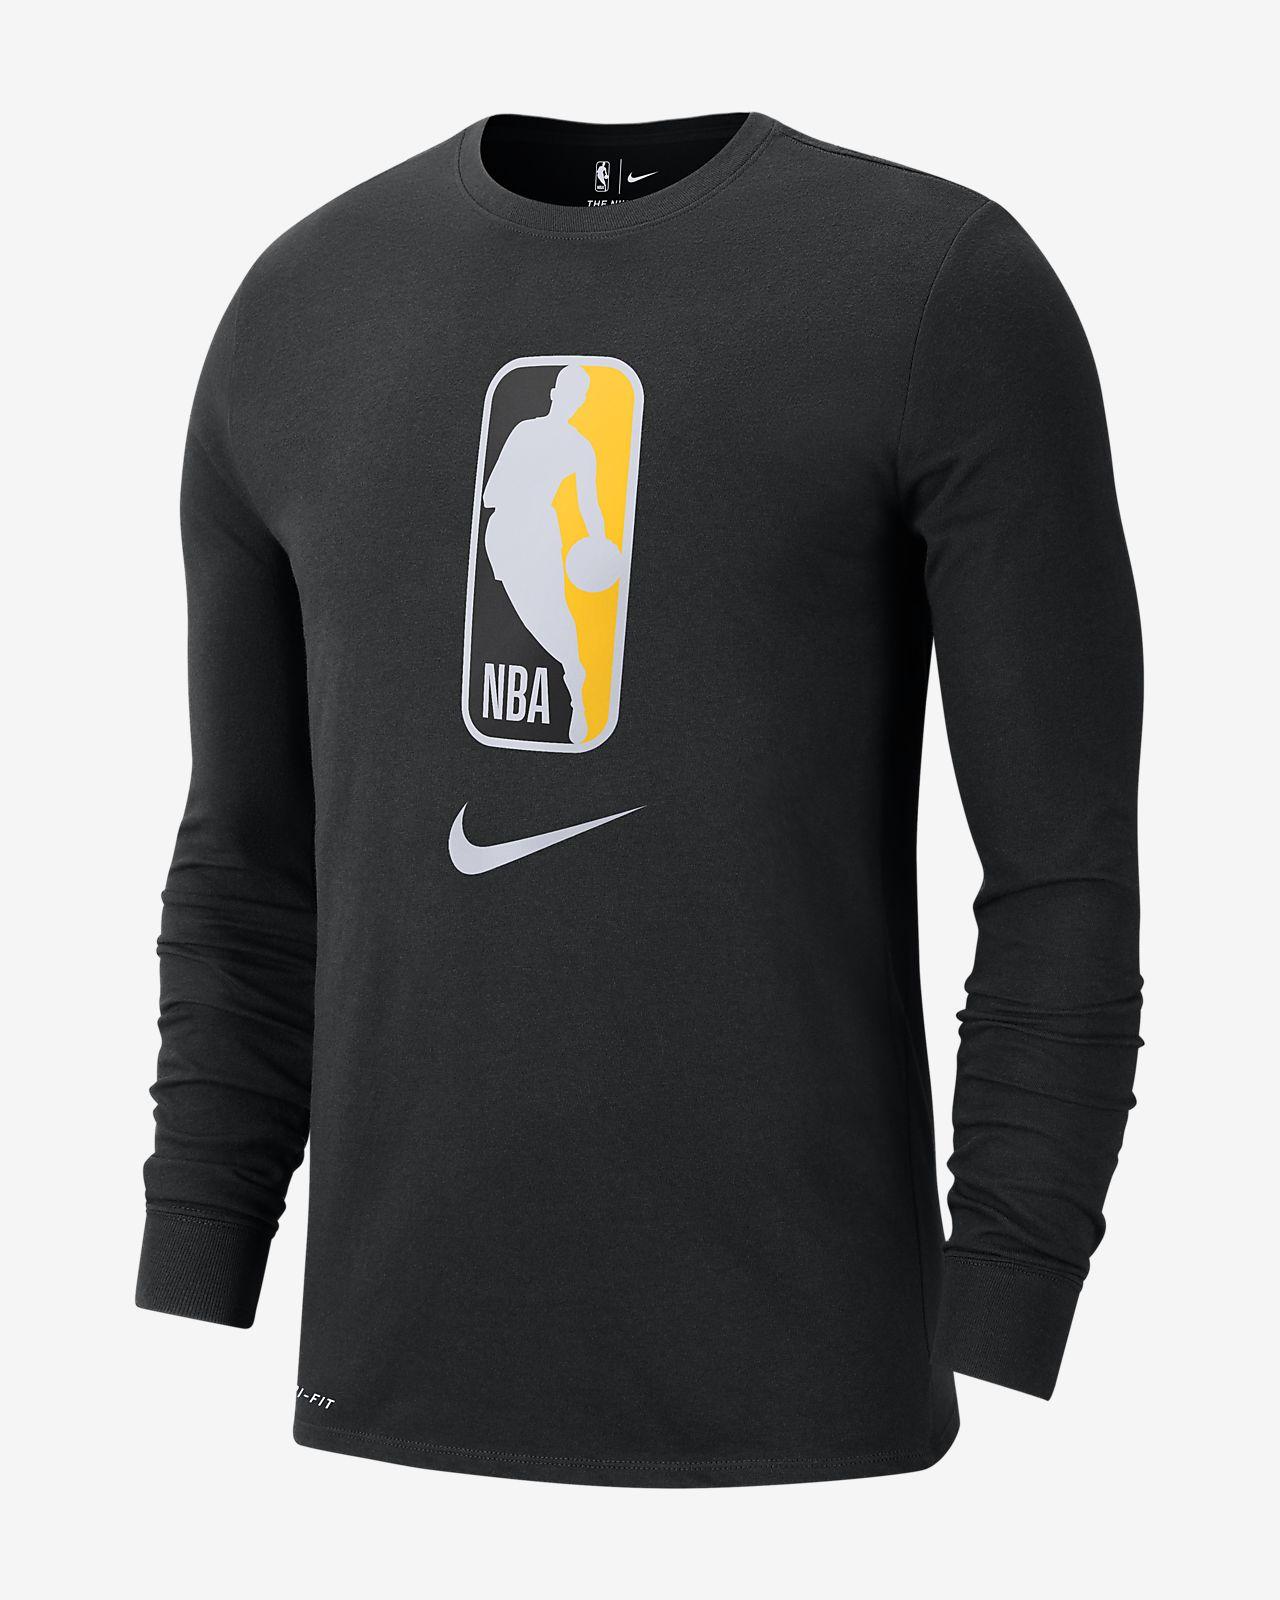 Pánské tričko NBA s dlouhým rukávem Nike Dri-FIT